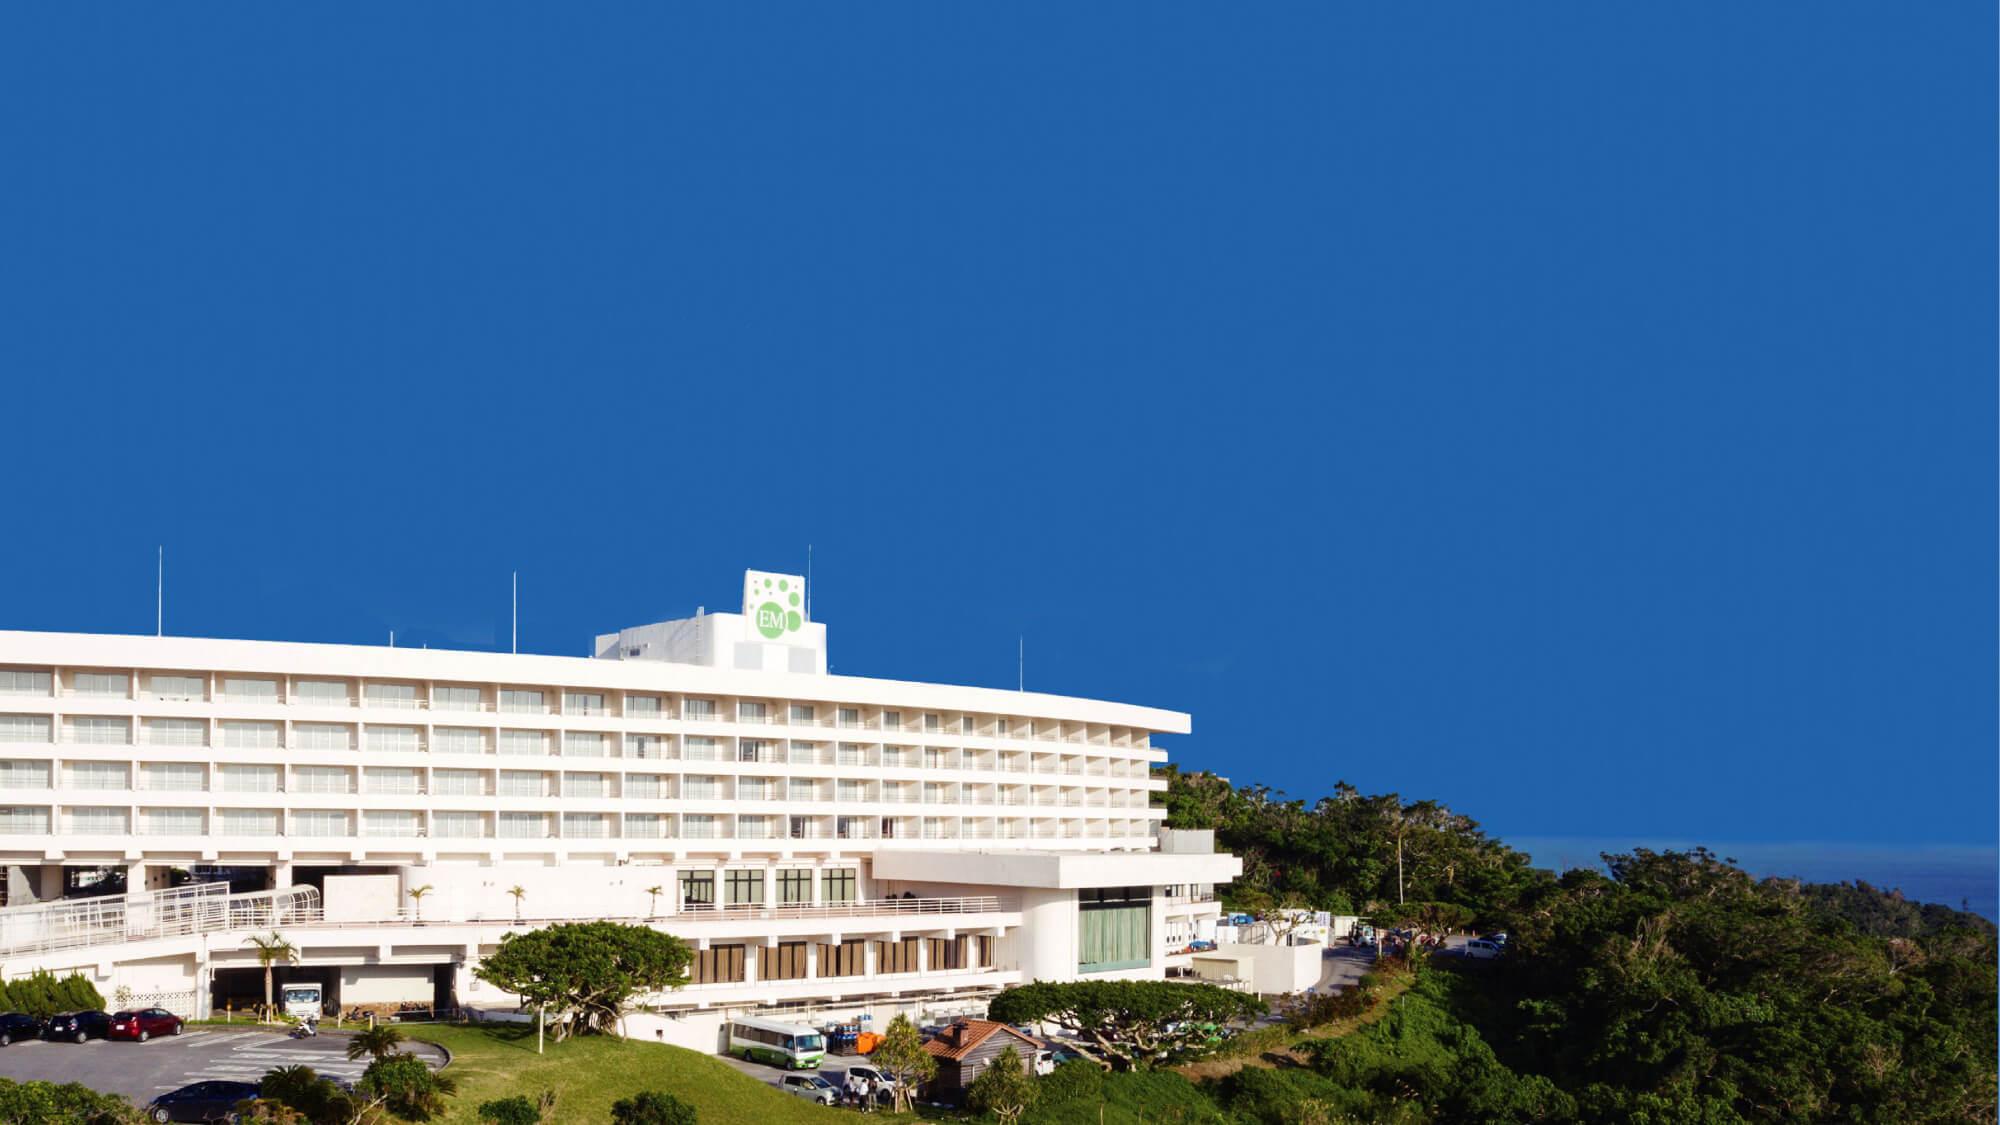 【沖縄セレクション】「ココロとカラダを整えるホテル滞在」ウェルカムウォーター付き<素泊り>